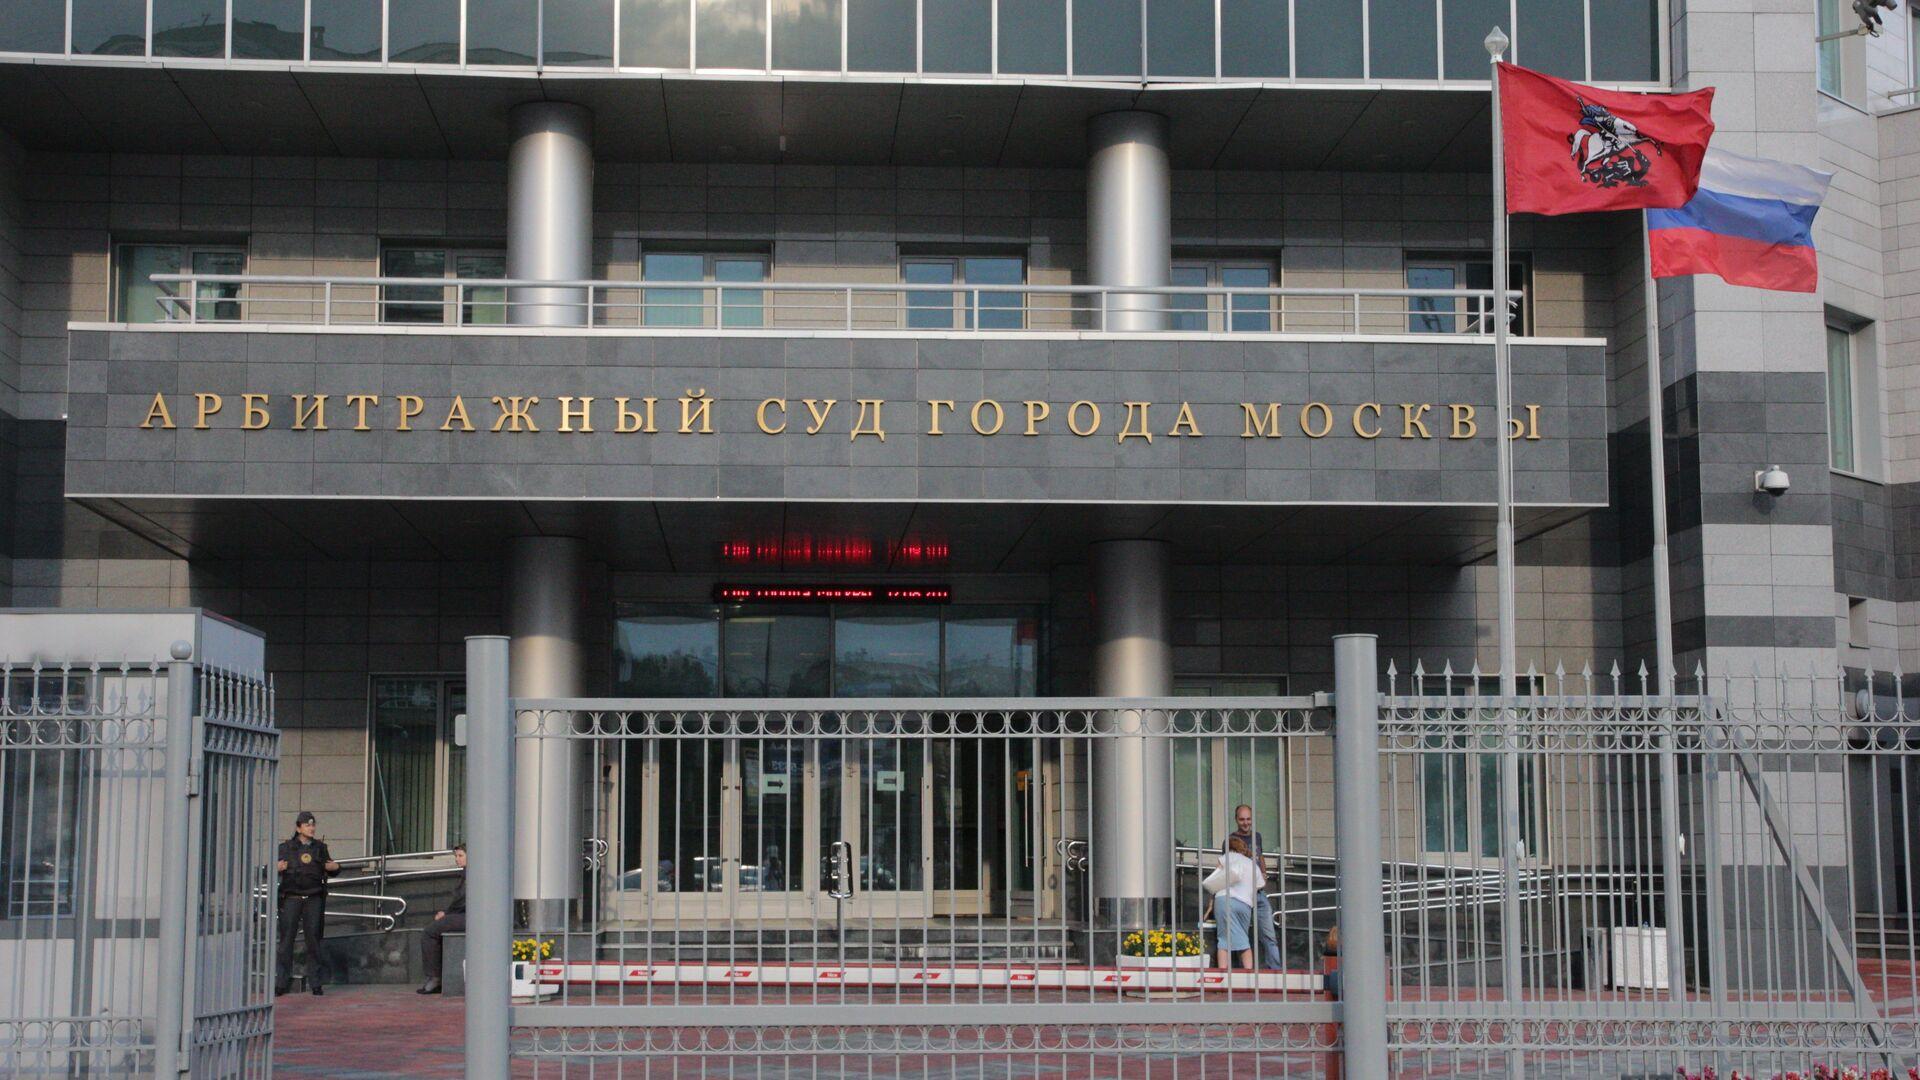 Арбитражный суд Москвы - РИА Новости, 1920, 26.10.2020